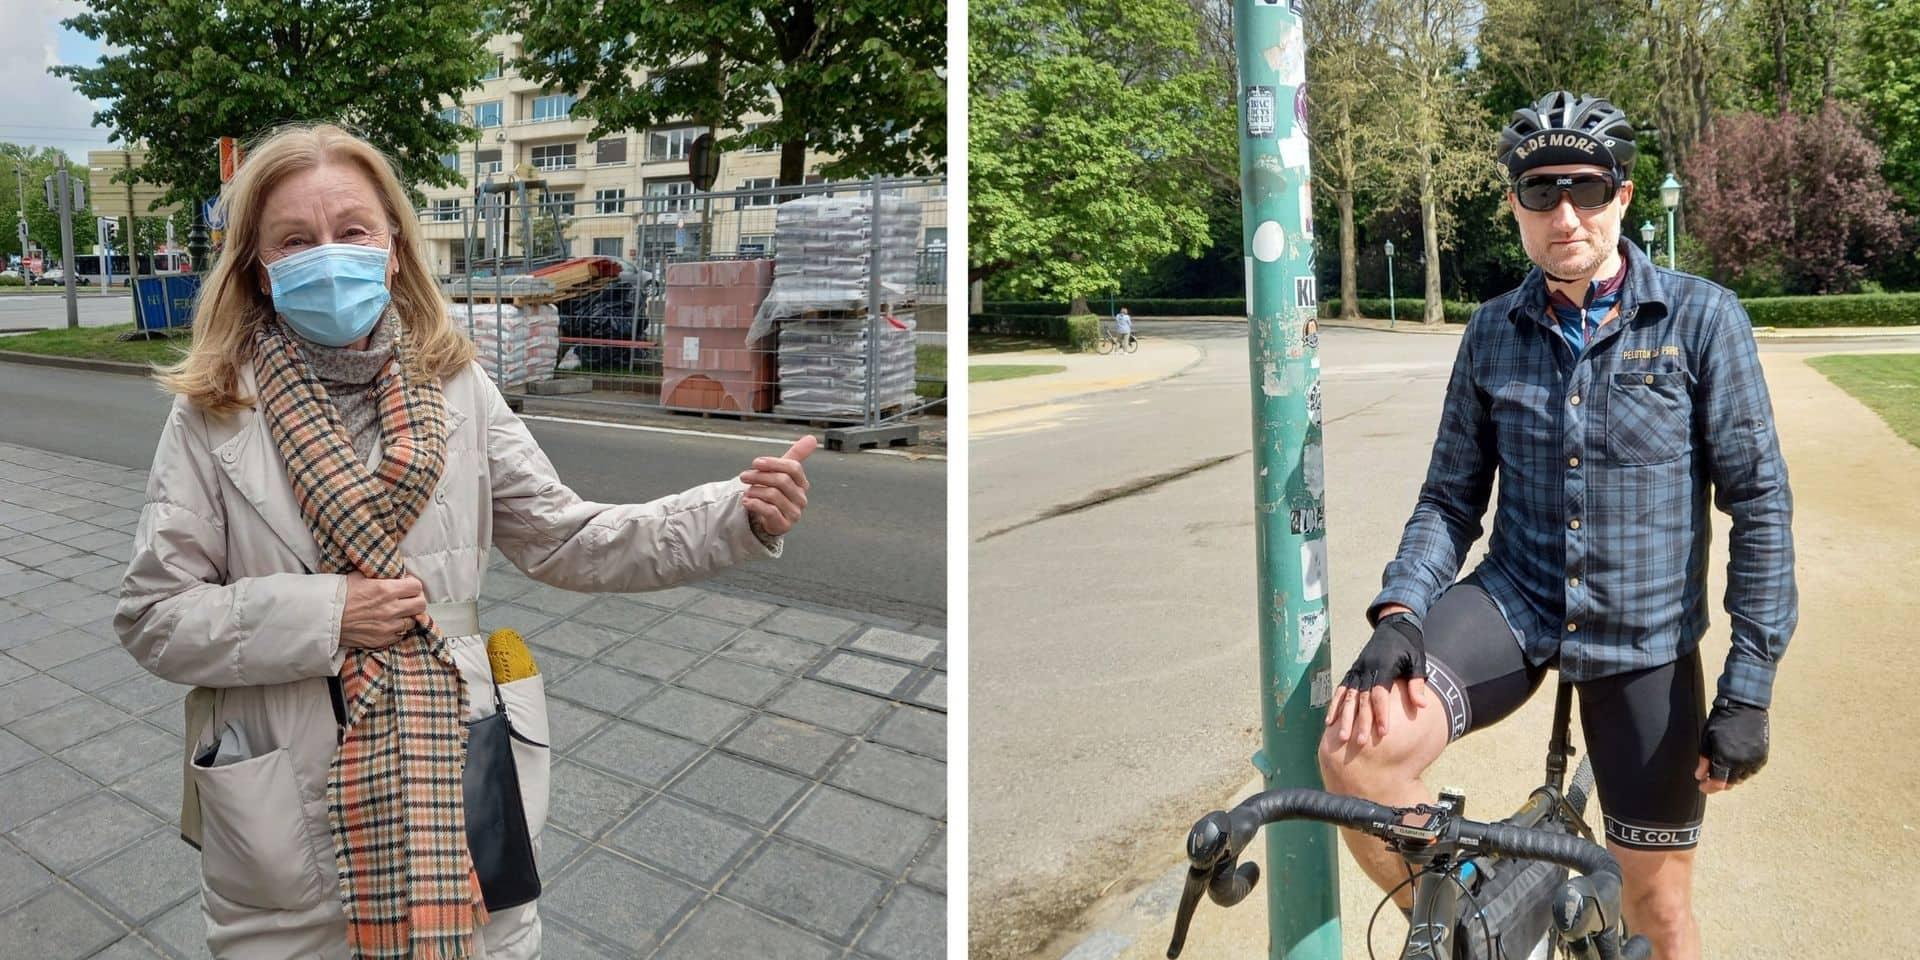 """Plusieurs Bruxellois témoignent sur la zone 30 : """"C'est plus sécurisant et moins anxiogène"""""""